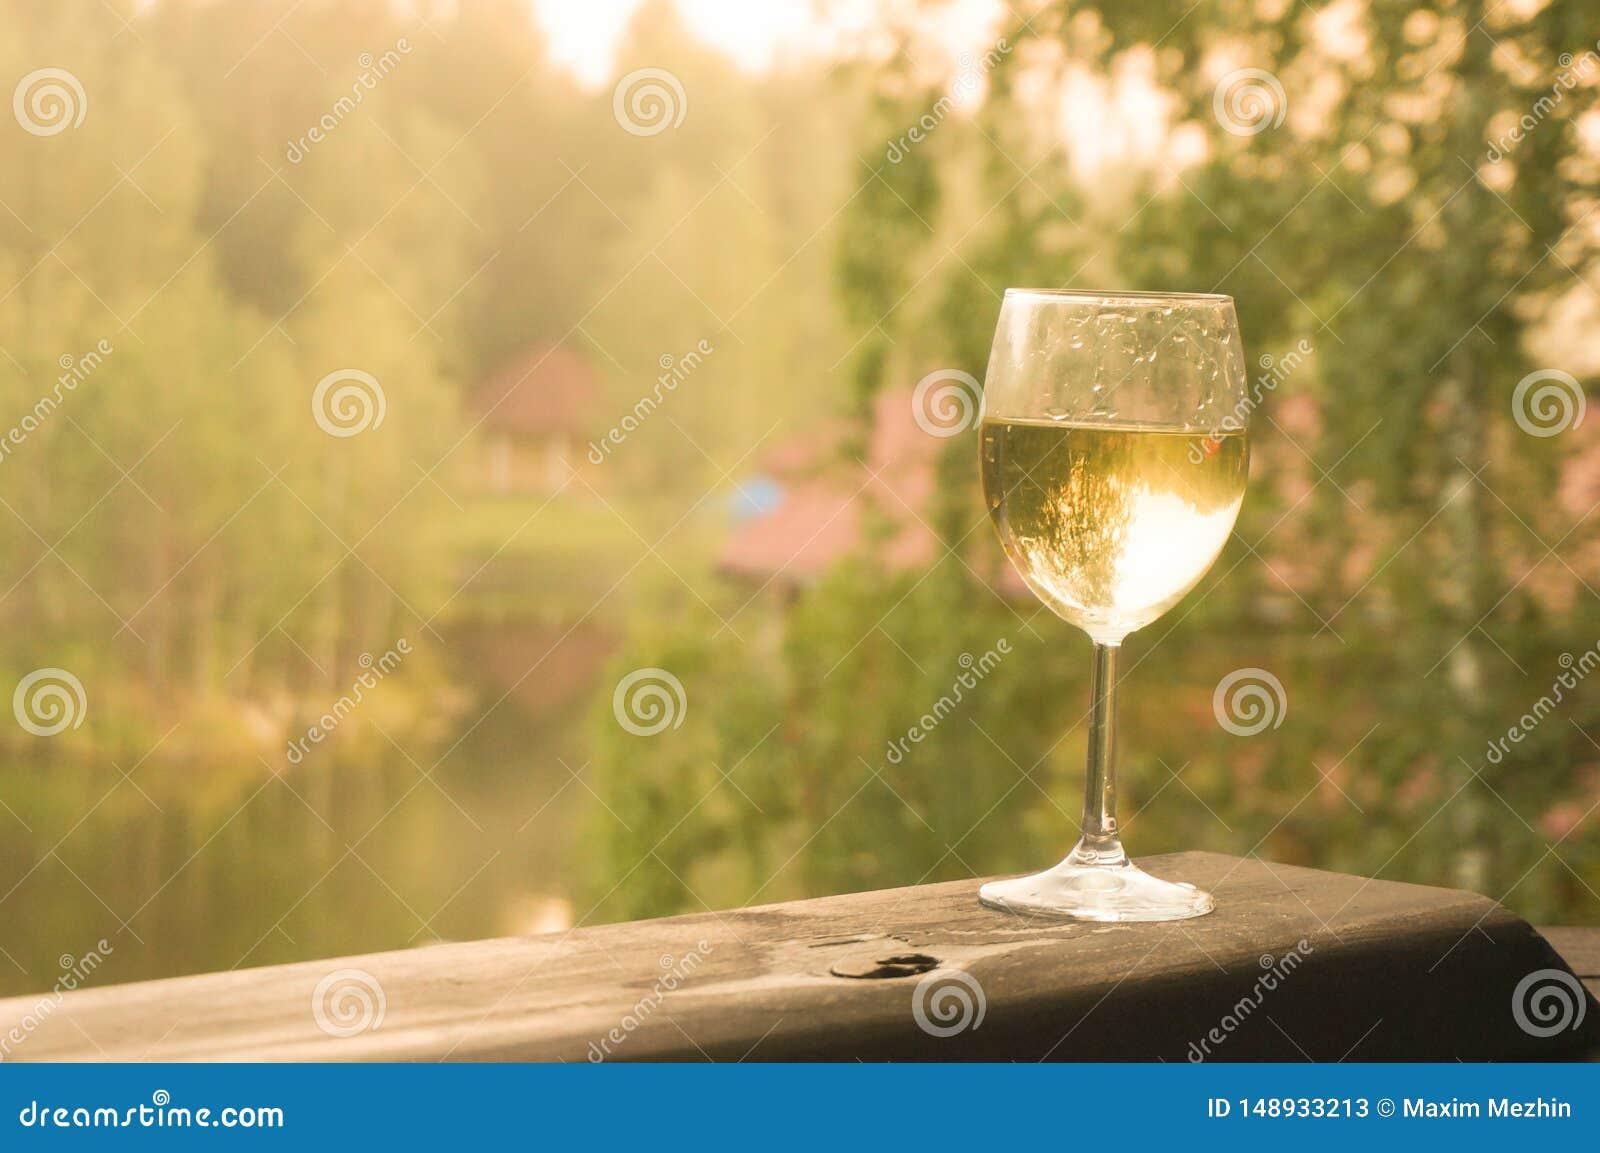 Verre de vin blanc sur un fond vert de for?t